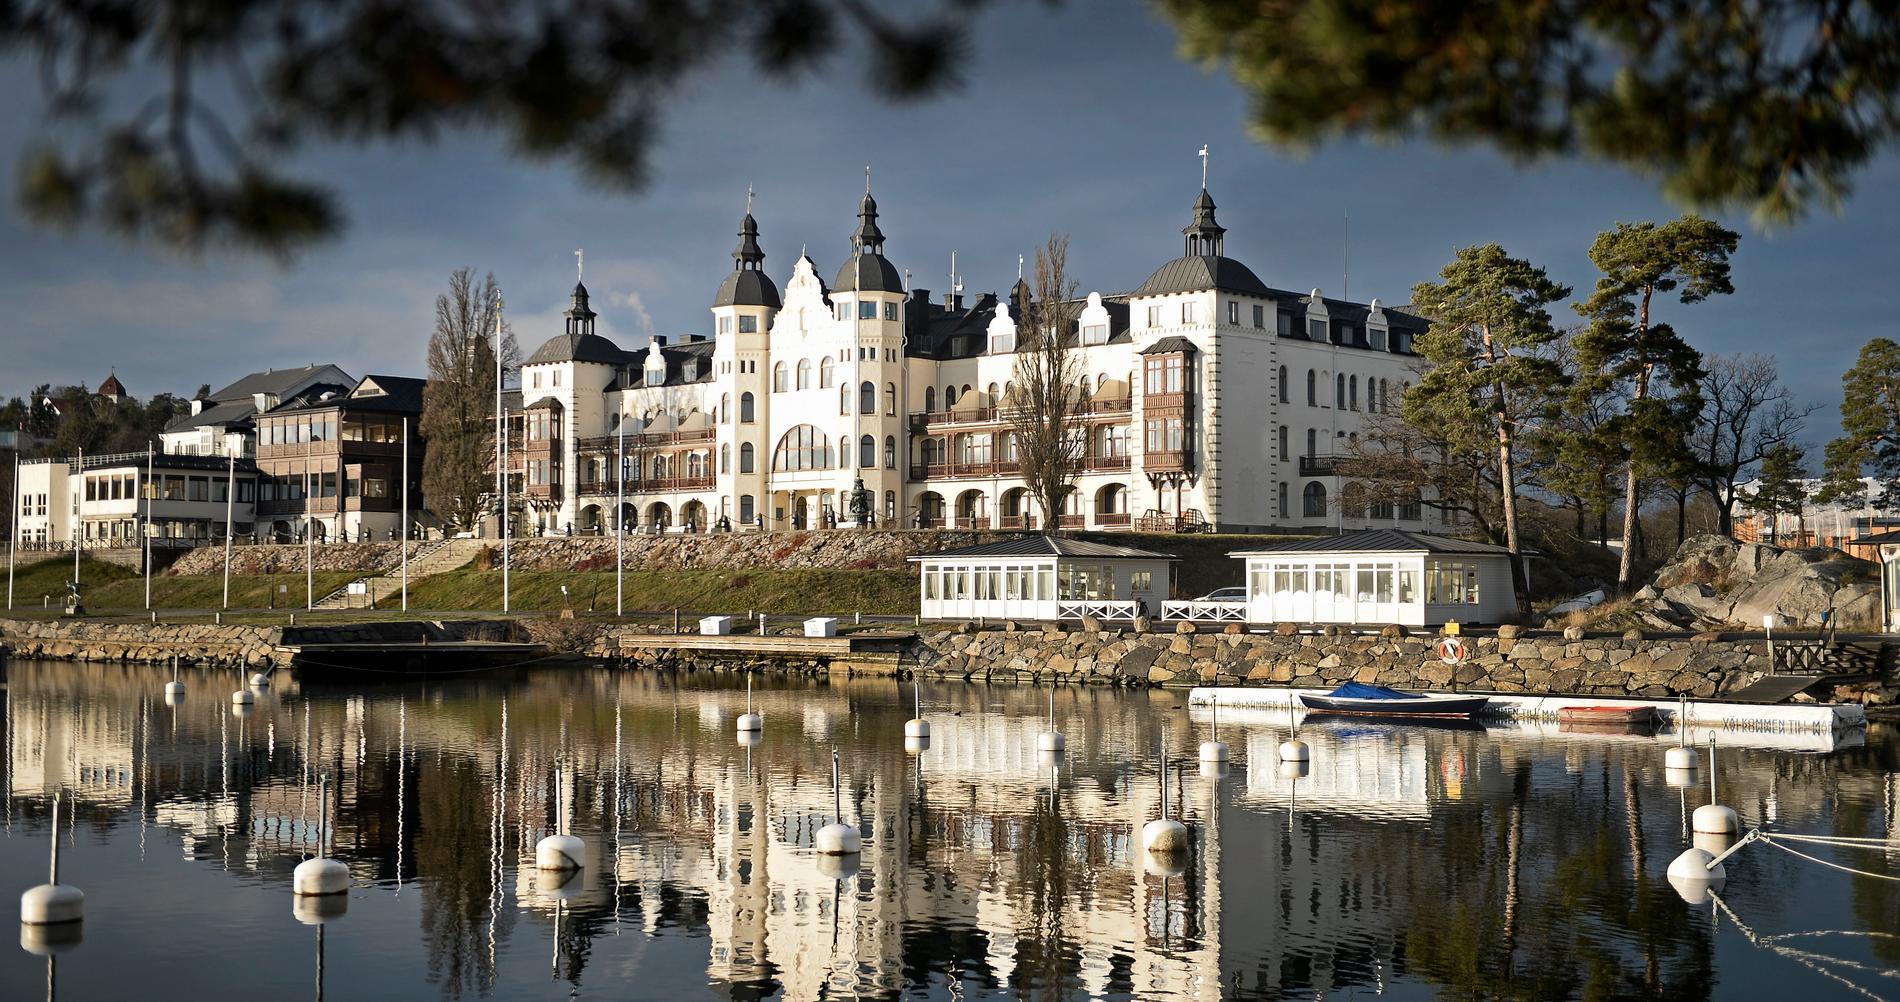 Grand Hotel Saltsjöbaden i Nacka - en kommun som inte välkomnar flyktingar.